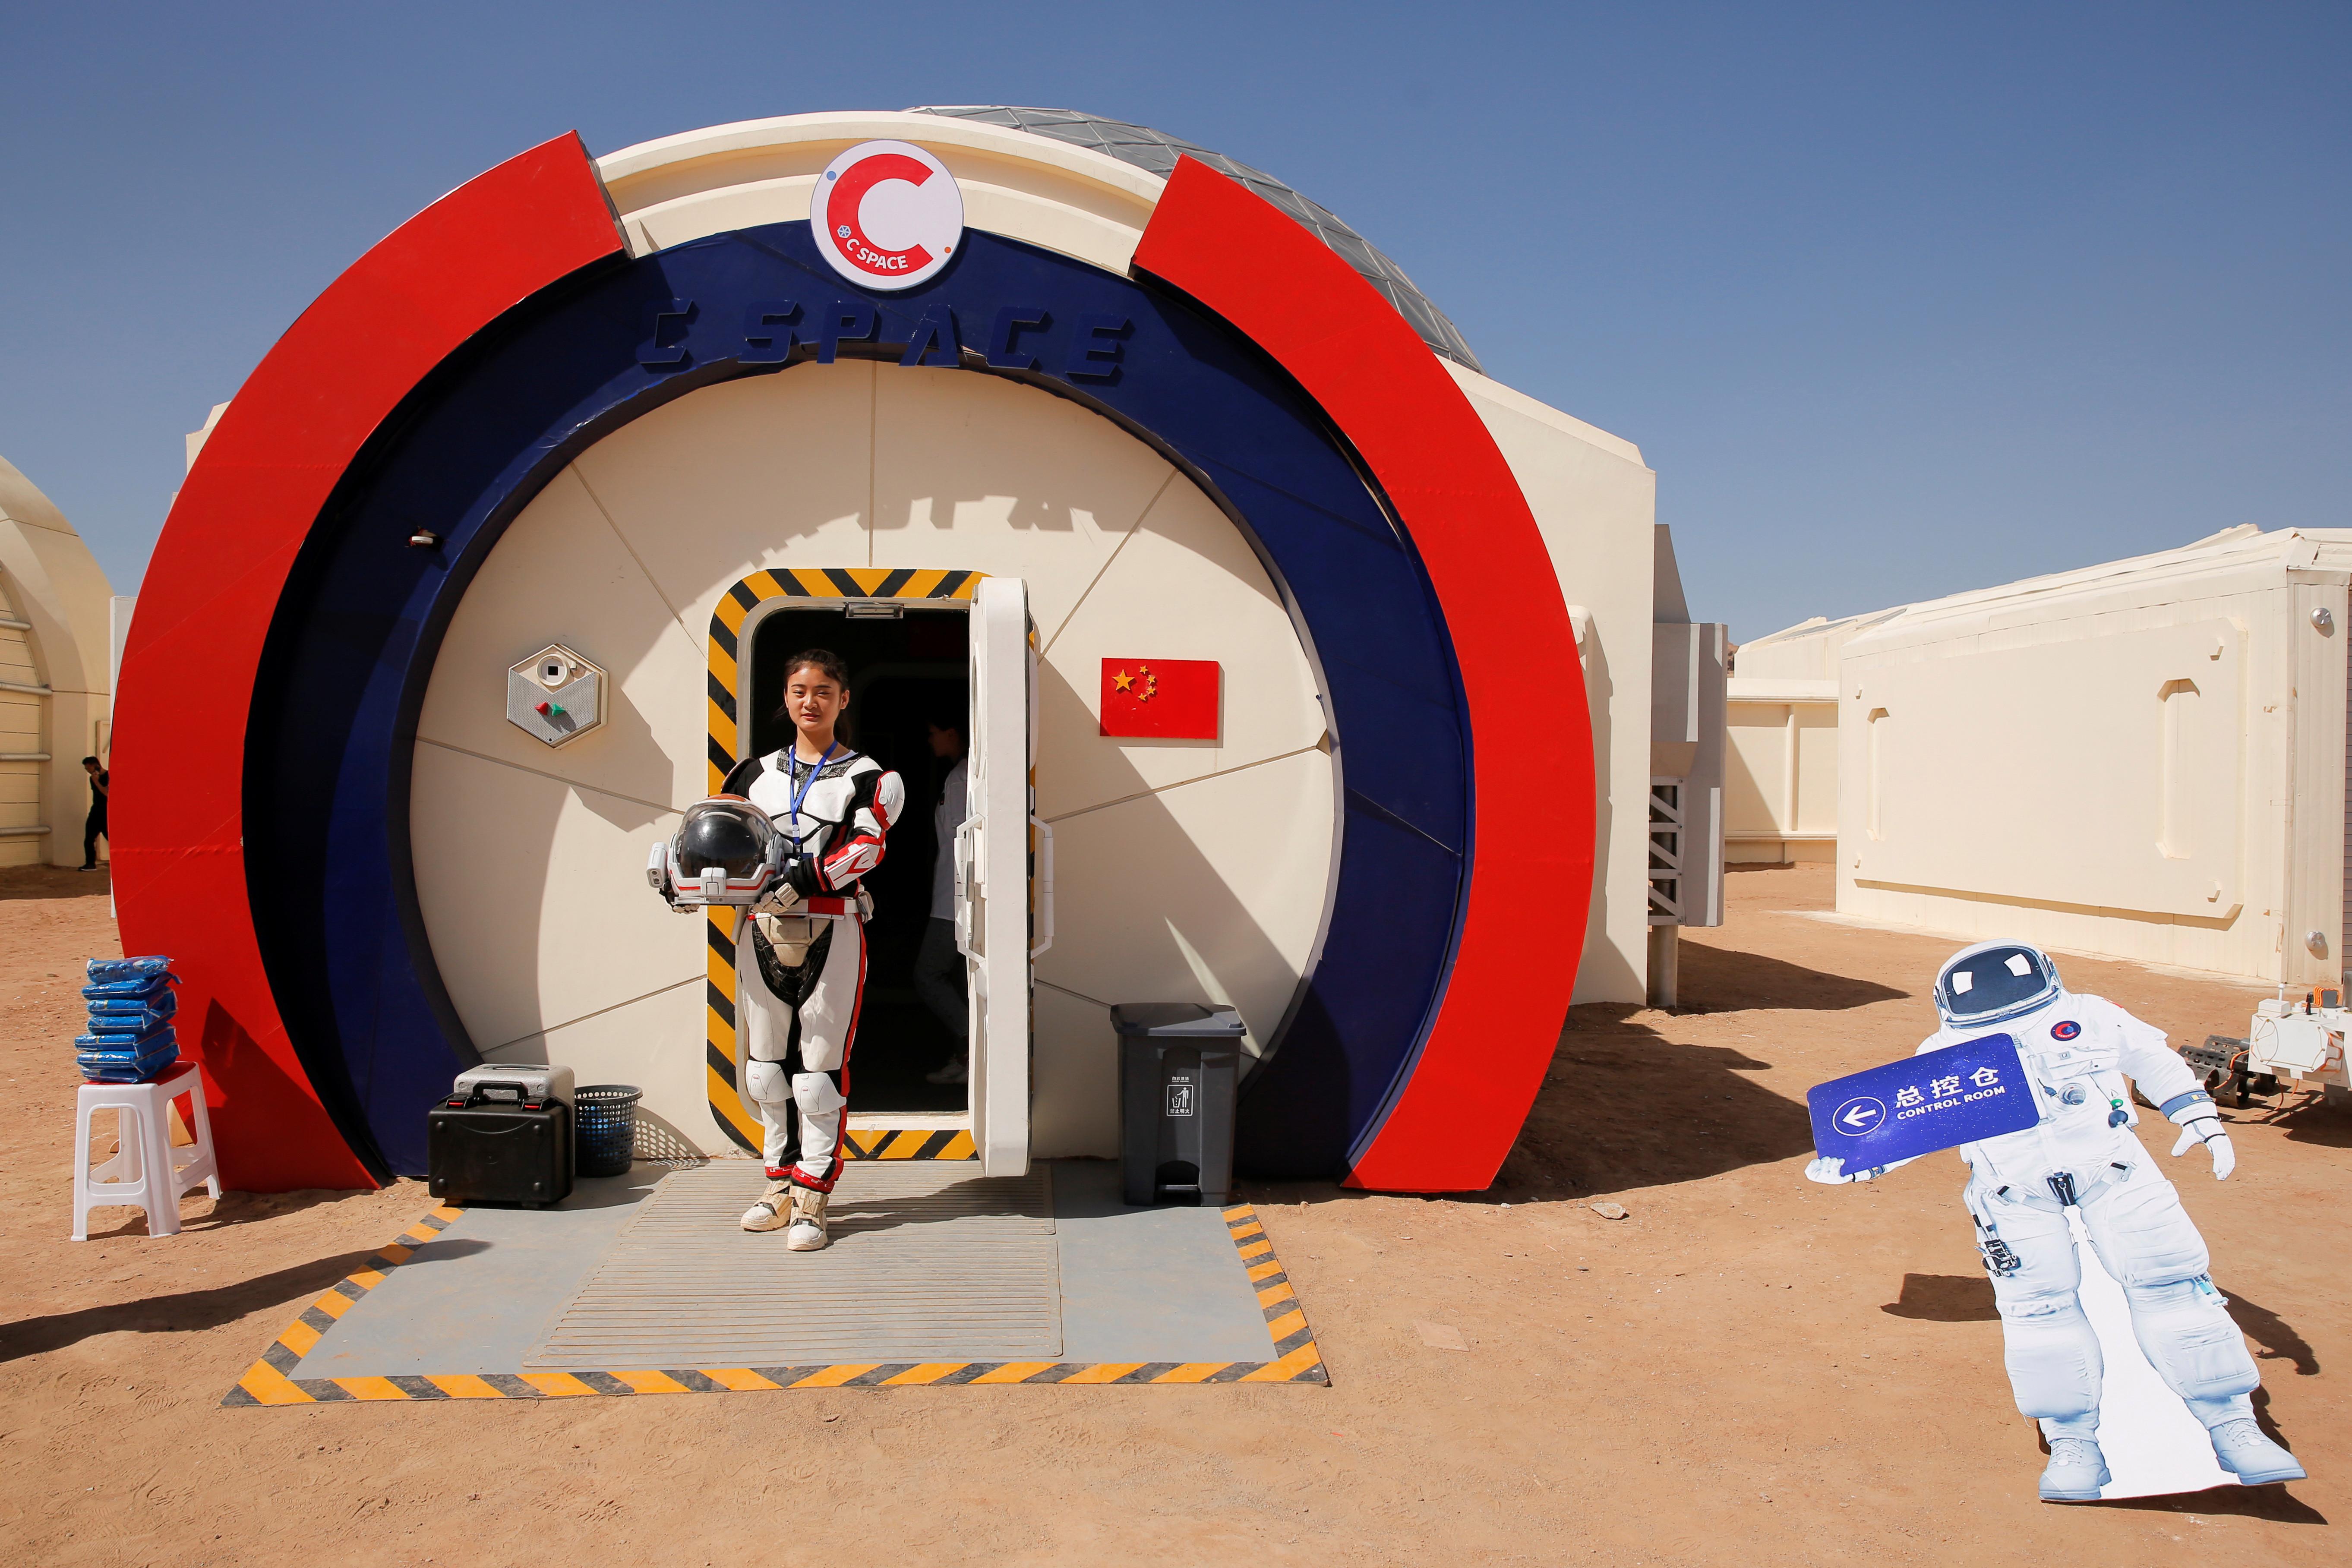 Chinas fake Mars base camp lets visitors explore Star Wars style 5449x3633